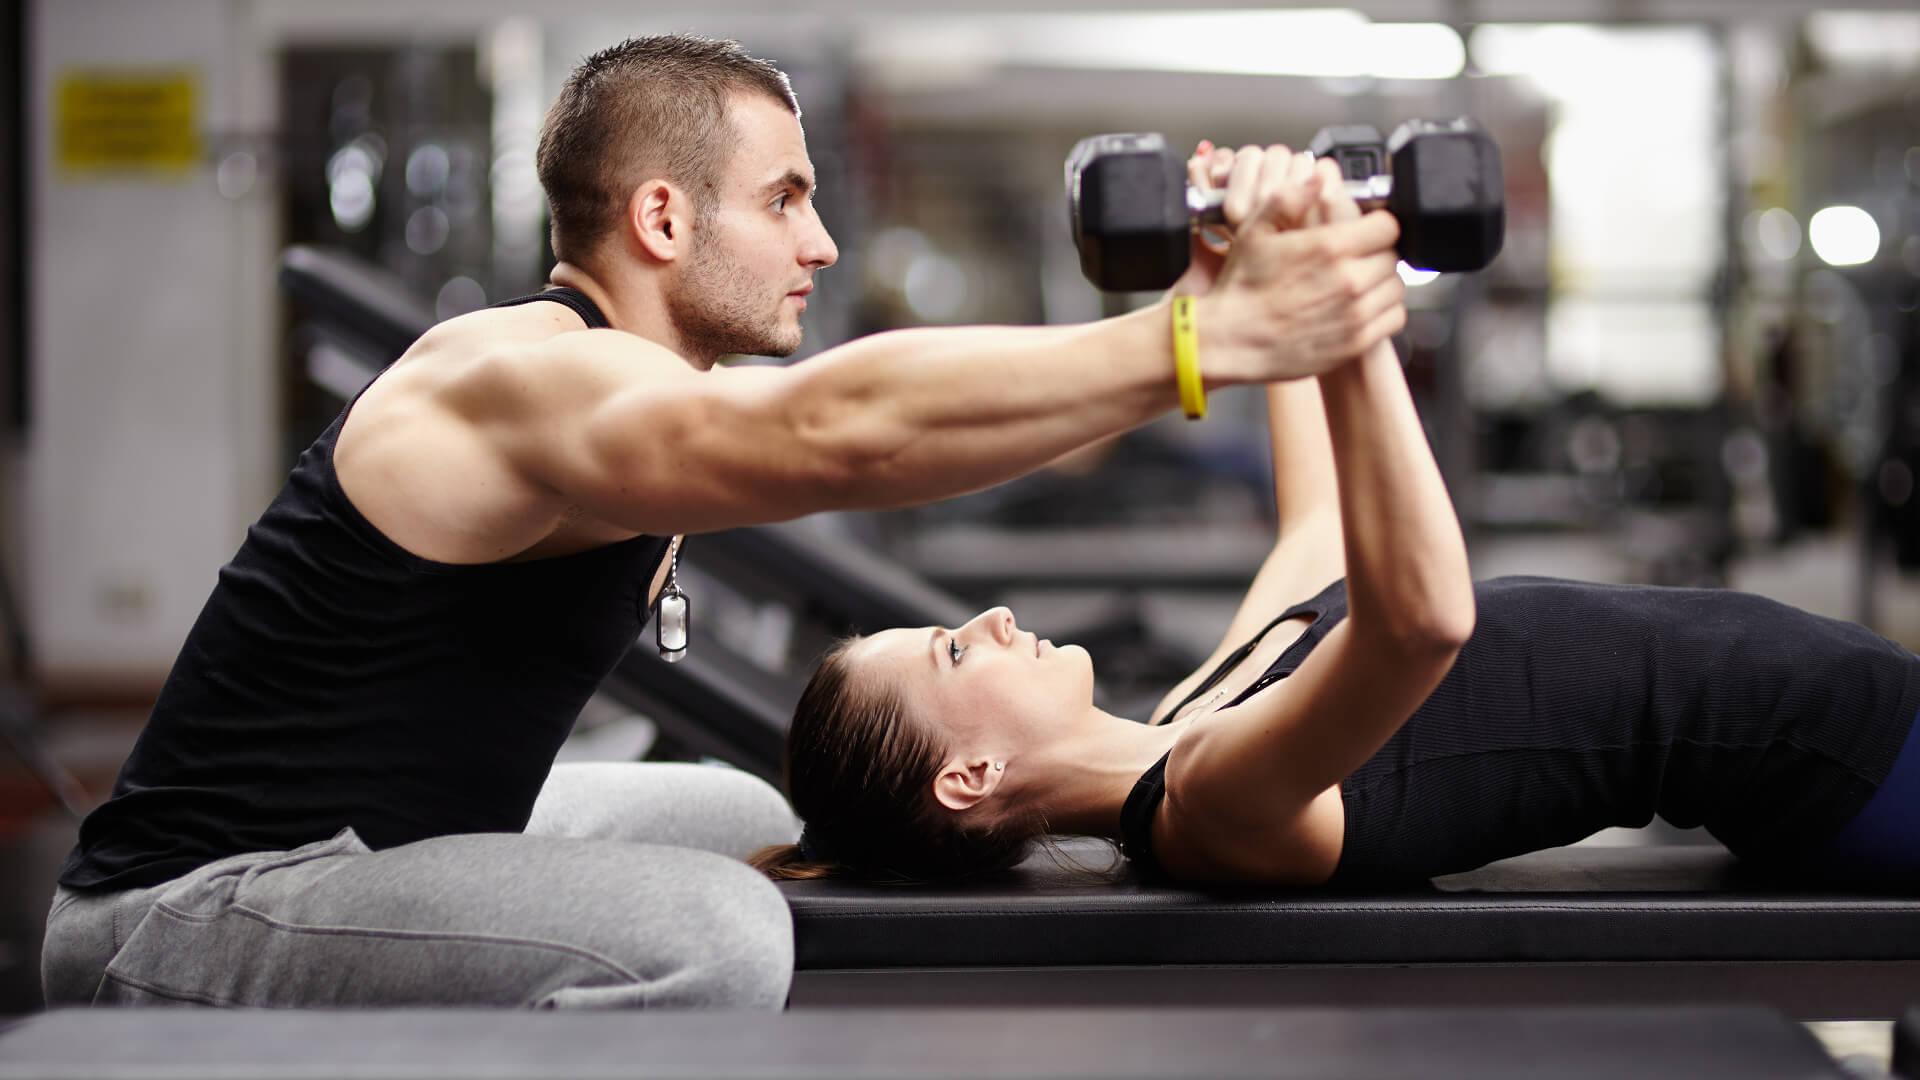 физические нагрузки здоровье активность обмен веществ спорт спортивный зал